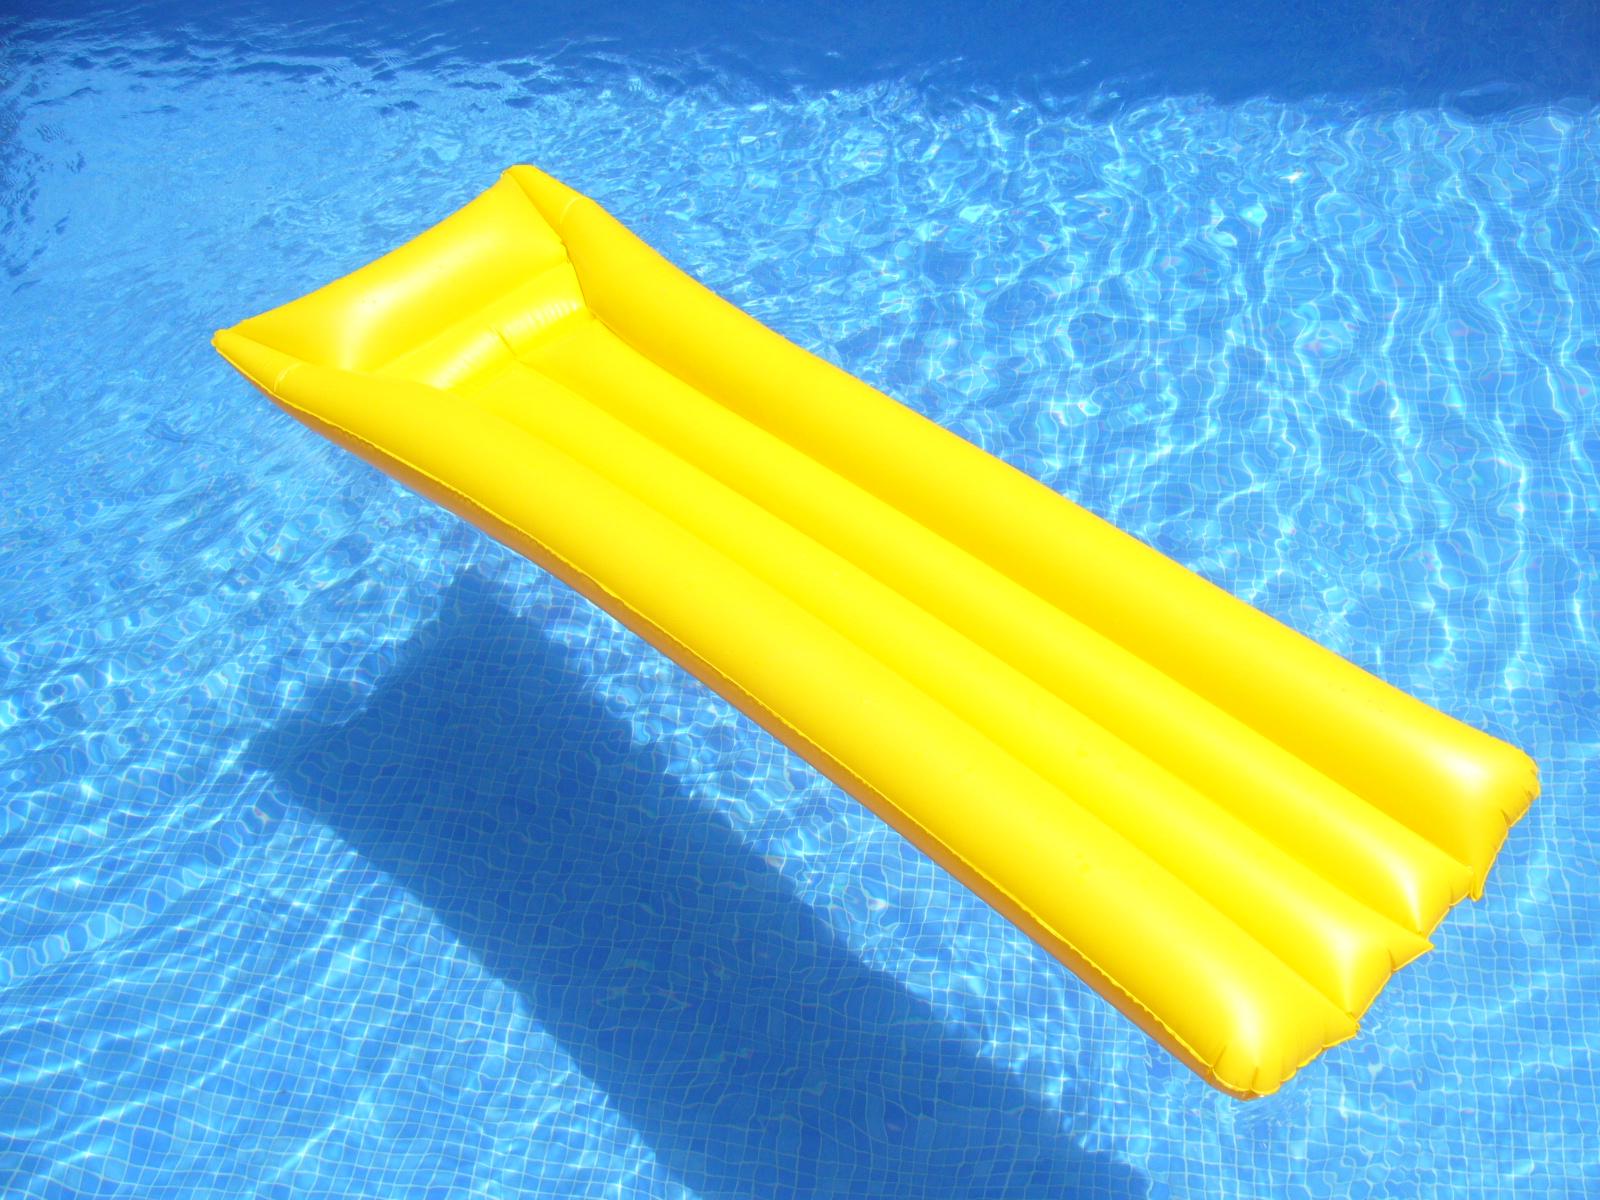 Colchoneta amarilla fotos de concurso 39 la foto del for Colchonetas de piscina